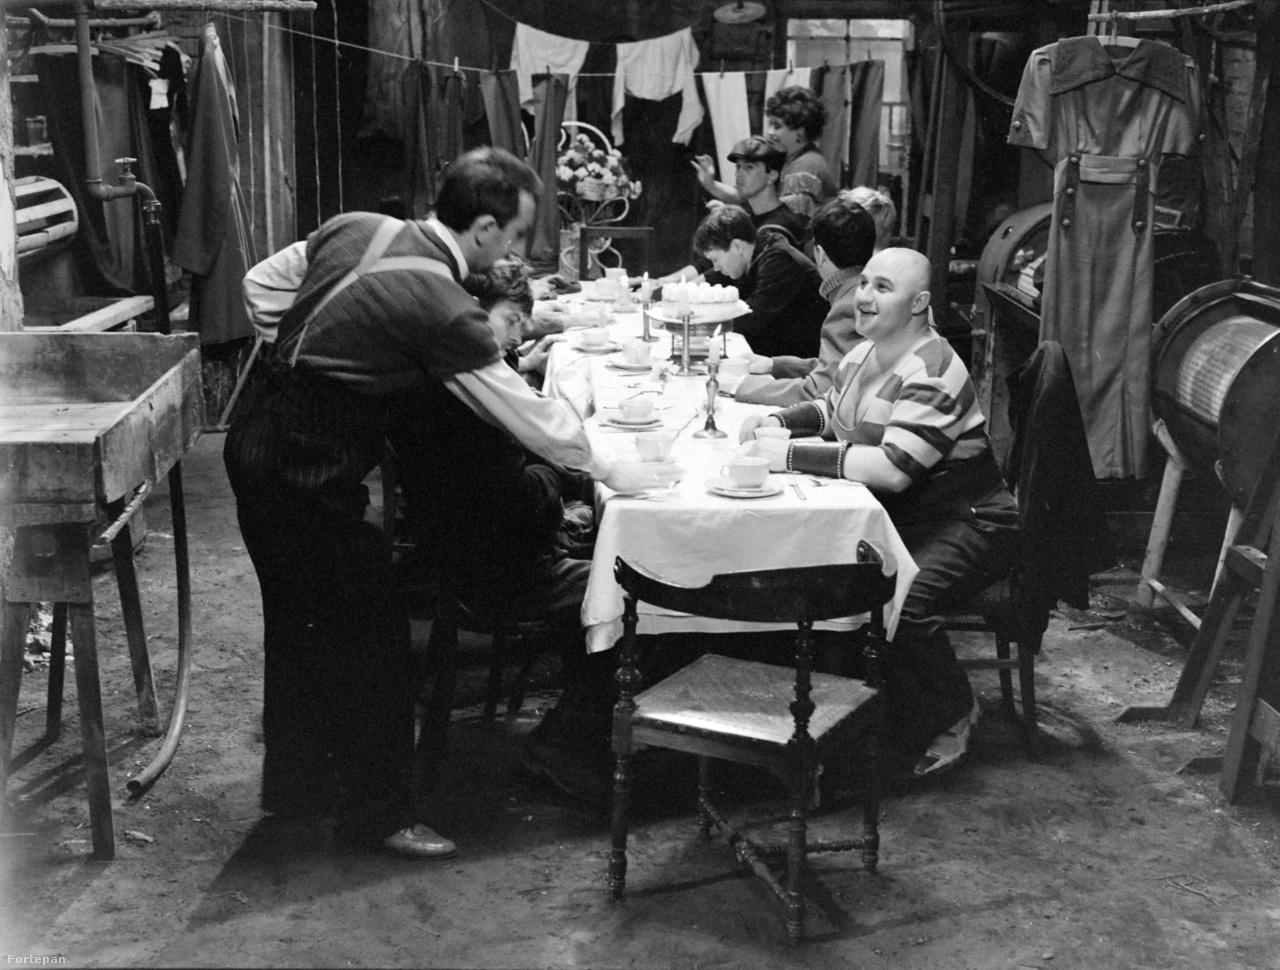 """A lakoma Minarik Edénél, ami tortacsatába torkollik. """"Mindig elolvadtak a torták, ezért cérnával kötözték össze őket, de az sem segített. Egy beállításban akartam felvenni az egészet, de mindig elolvadt a torta. Le kellett állni a háromnegyedénél, és úgy oldottam meg, hogy kitaláltam, hogy a Garas menjen ki a díszletből. Kértem a Zsuzsát (Tóth Zsuzsa dramaturgot), hogy írjon neki egy mondatot, amit egy foncsorozott tükörben elmond közeliben, hogy közben ki tudják cserélni a tortákat. Zsuzsa tíz perc múlva jött a mondattal: legyen az, hogy """"Kell egy csapat!"""", mire a Garas mondta, hogy hadd mondja úgy, hogy """"Mert kell egy csapat, kell"""". Mondtam Dezsőke, mondjad úgy nyugodtan."""""""